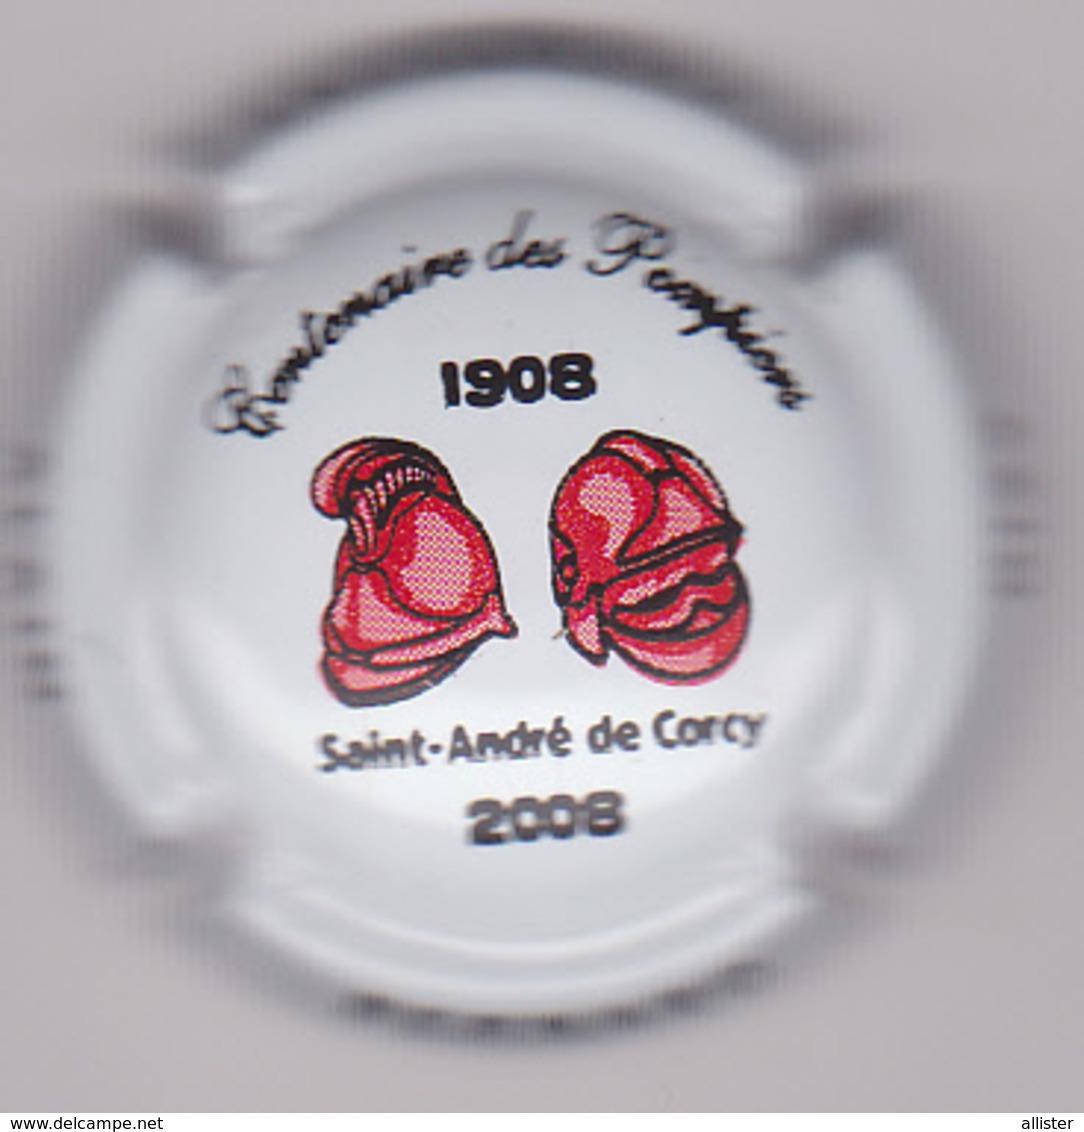 Capsule Champagne BERNARD Alain ( 10 ; Centenaire Des Pompiers SAINT-ANDRE DE CORCY ) {S08-19} - Champagne